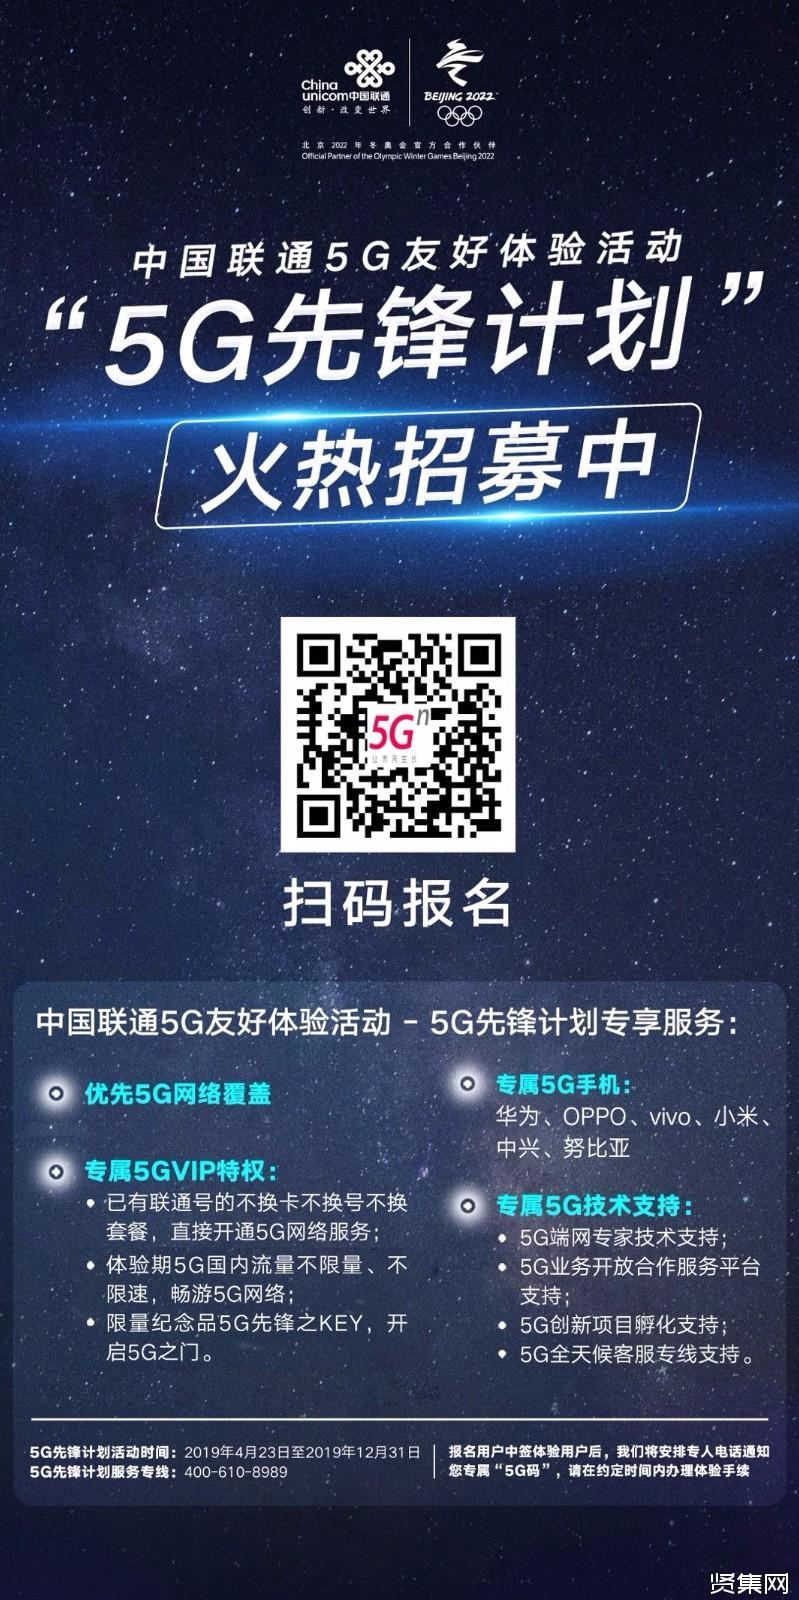 北京联通5G业务开启友好体验,正式交付首批5G体验终端